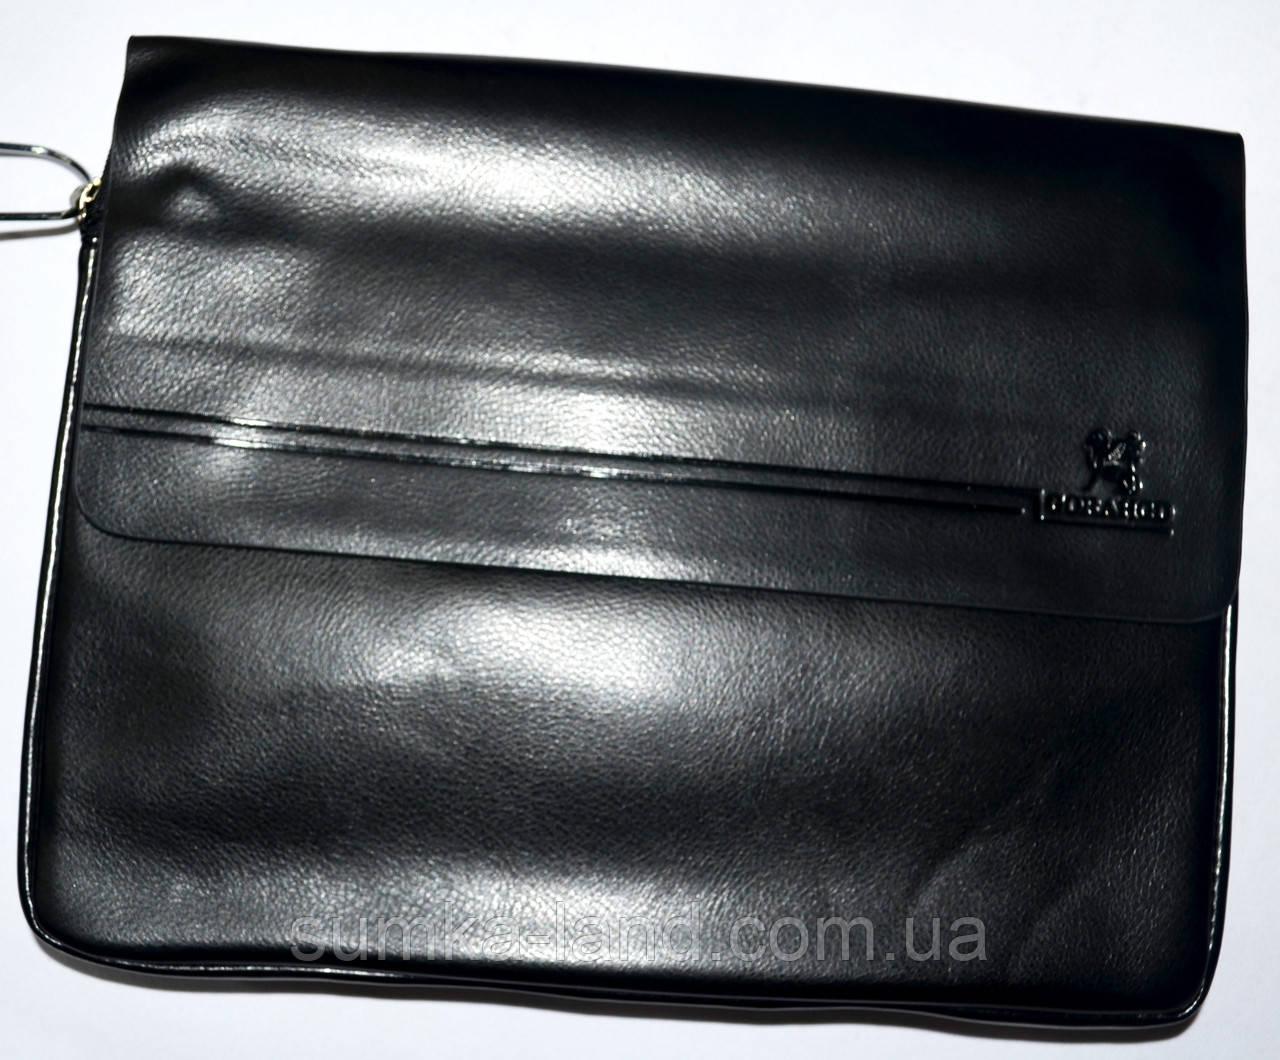 Мужская черная кожаная барсетка на плечо 34*26 см